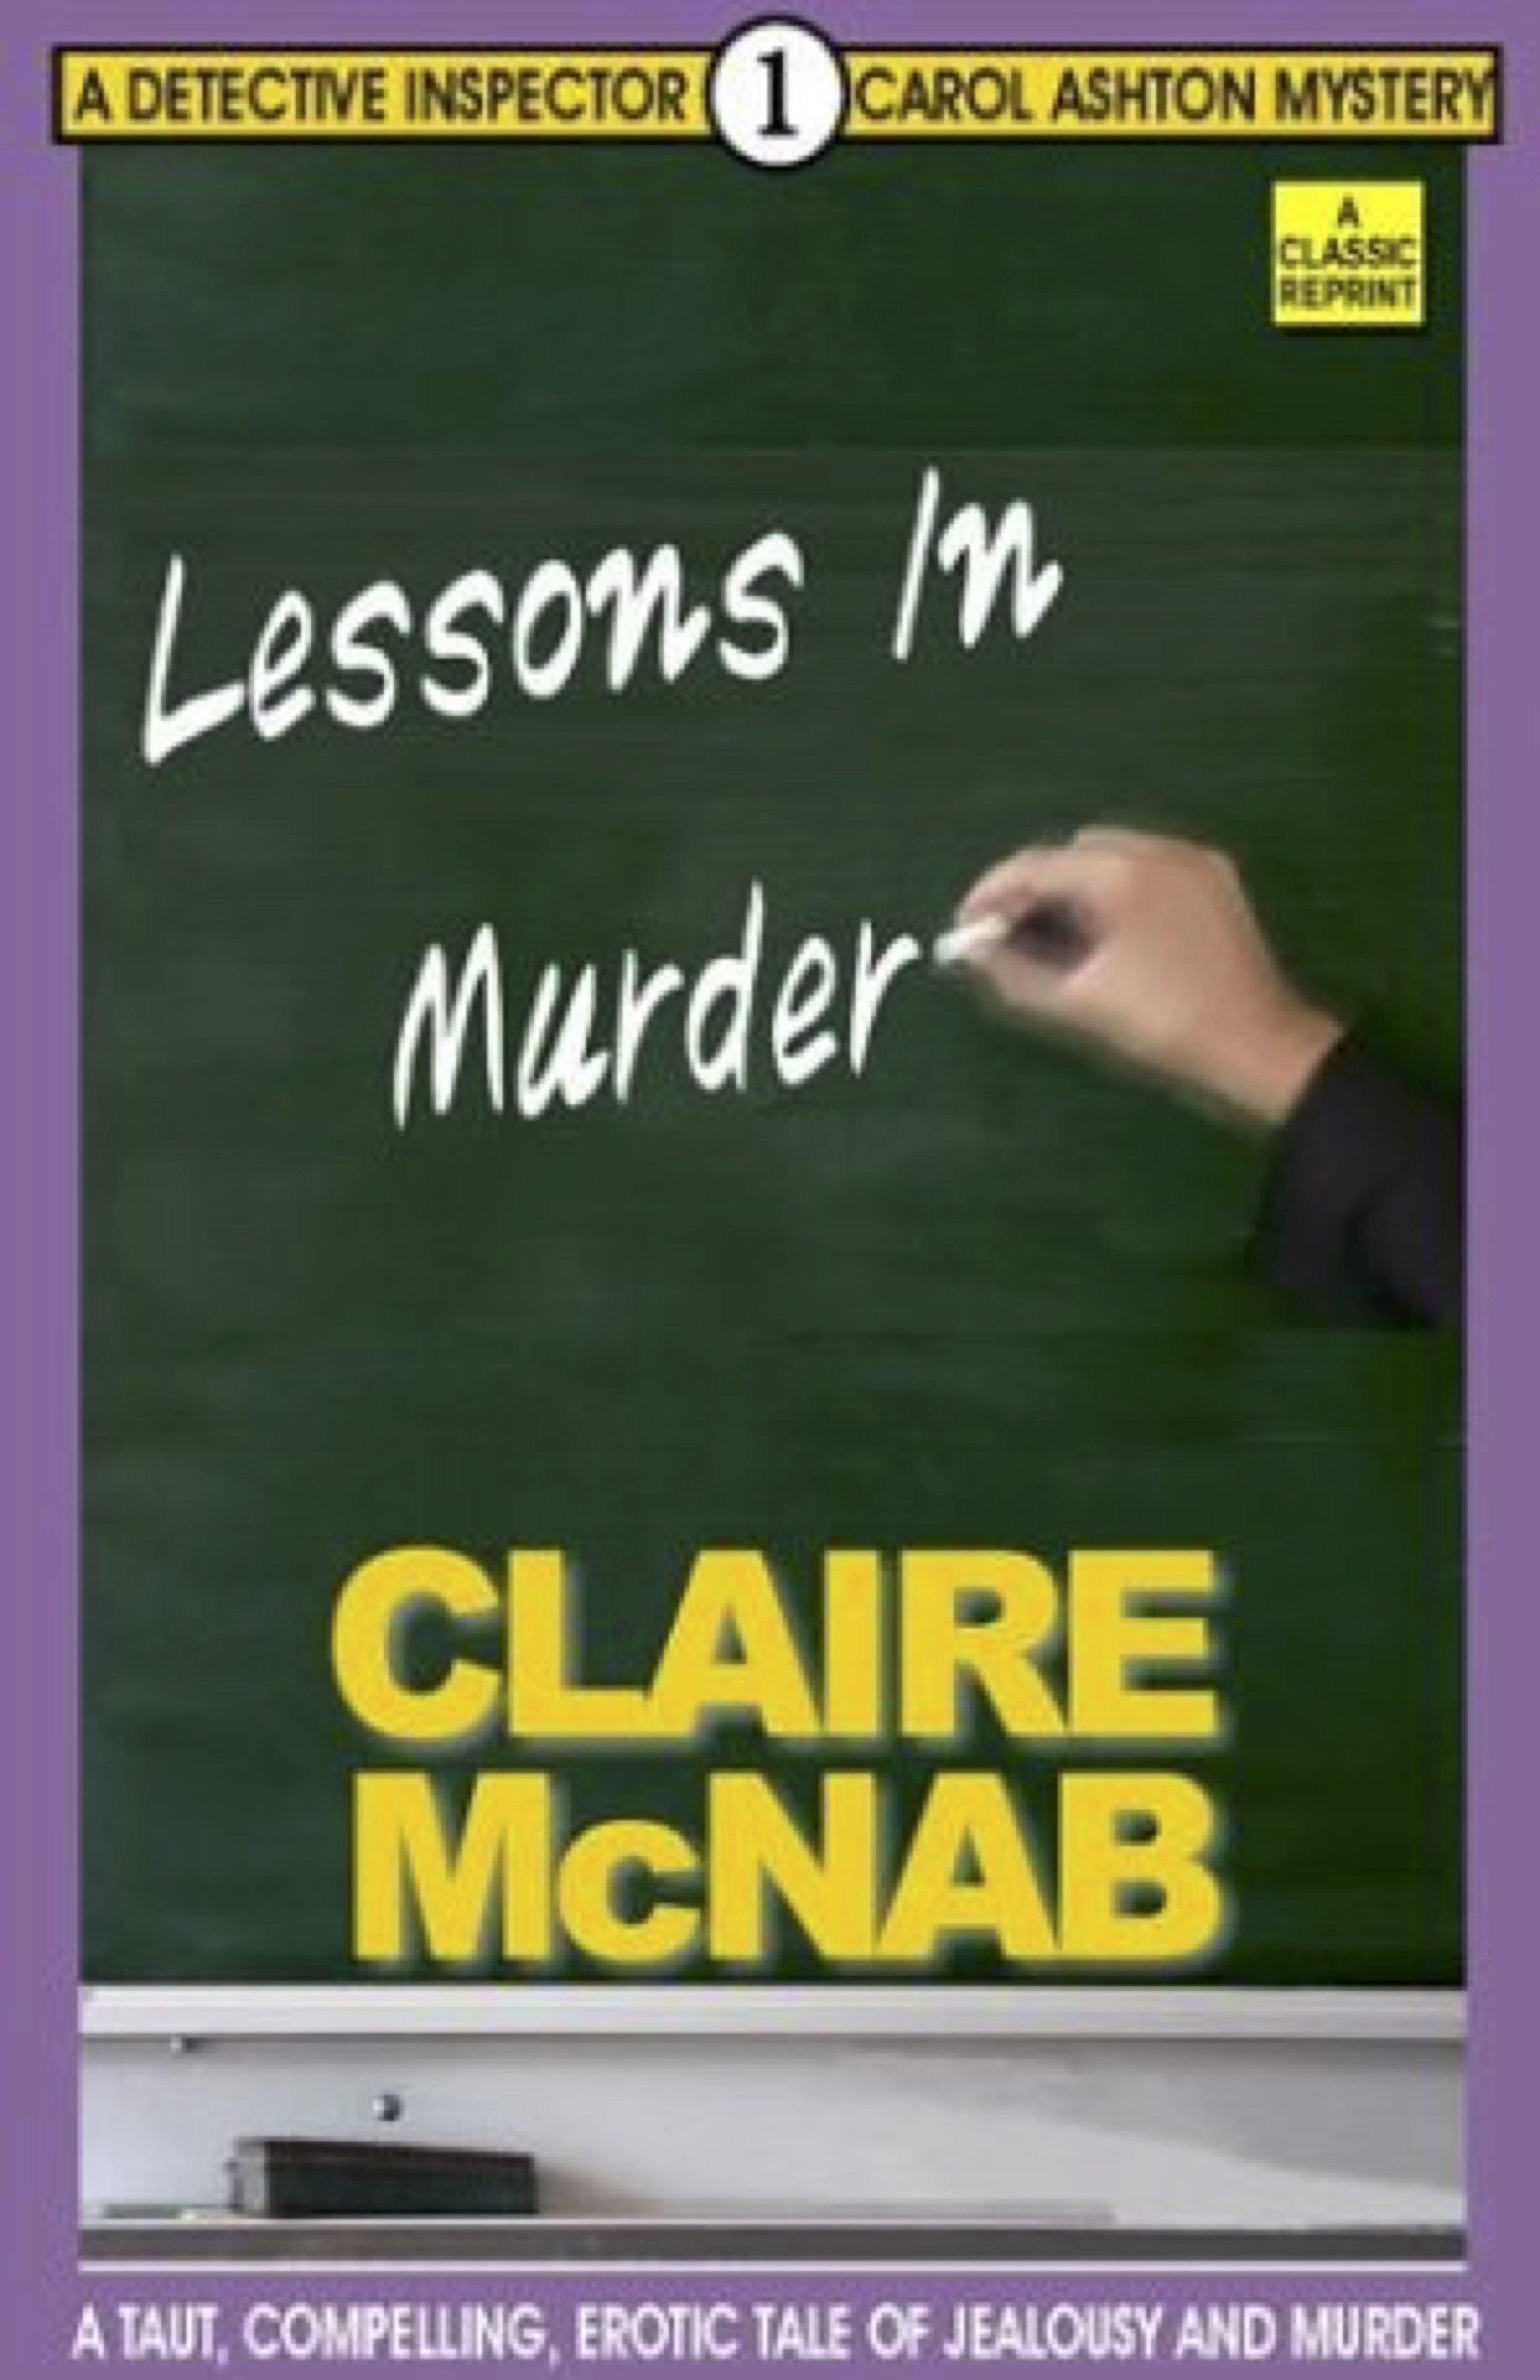 Claire McNab